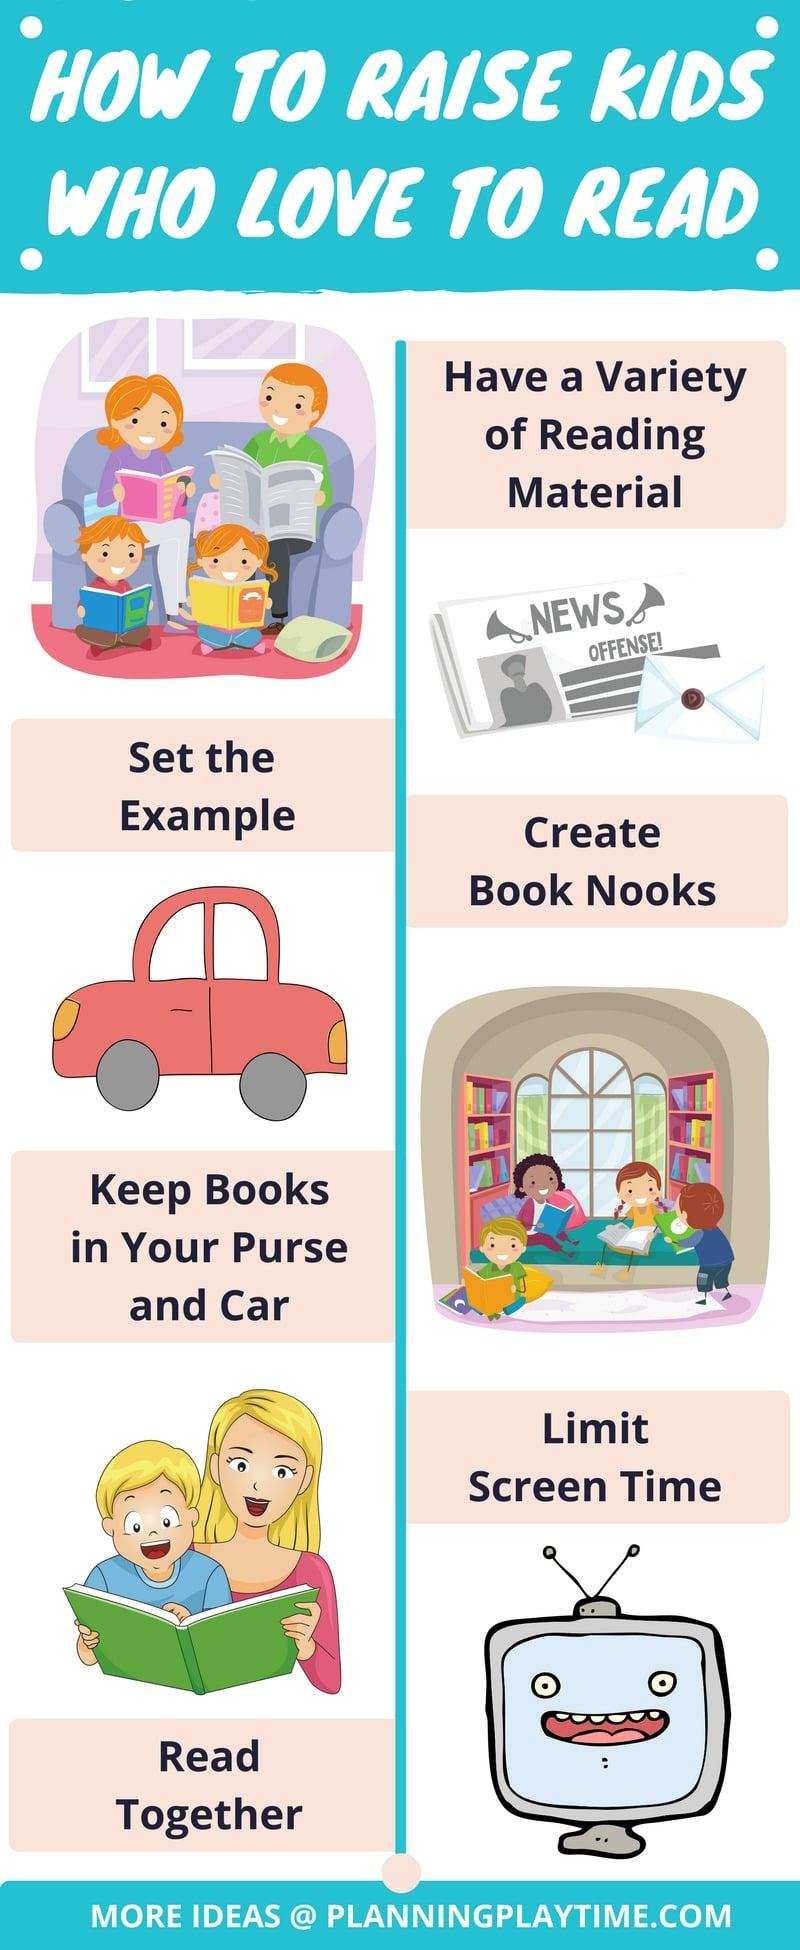 Tips for Raising Kids Who LOVE Reading